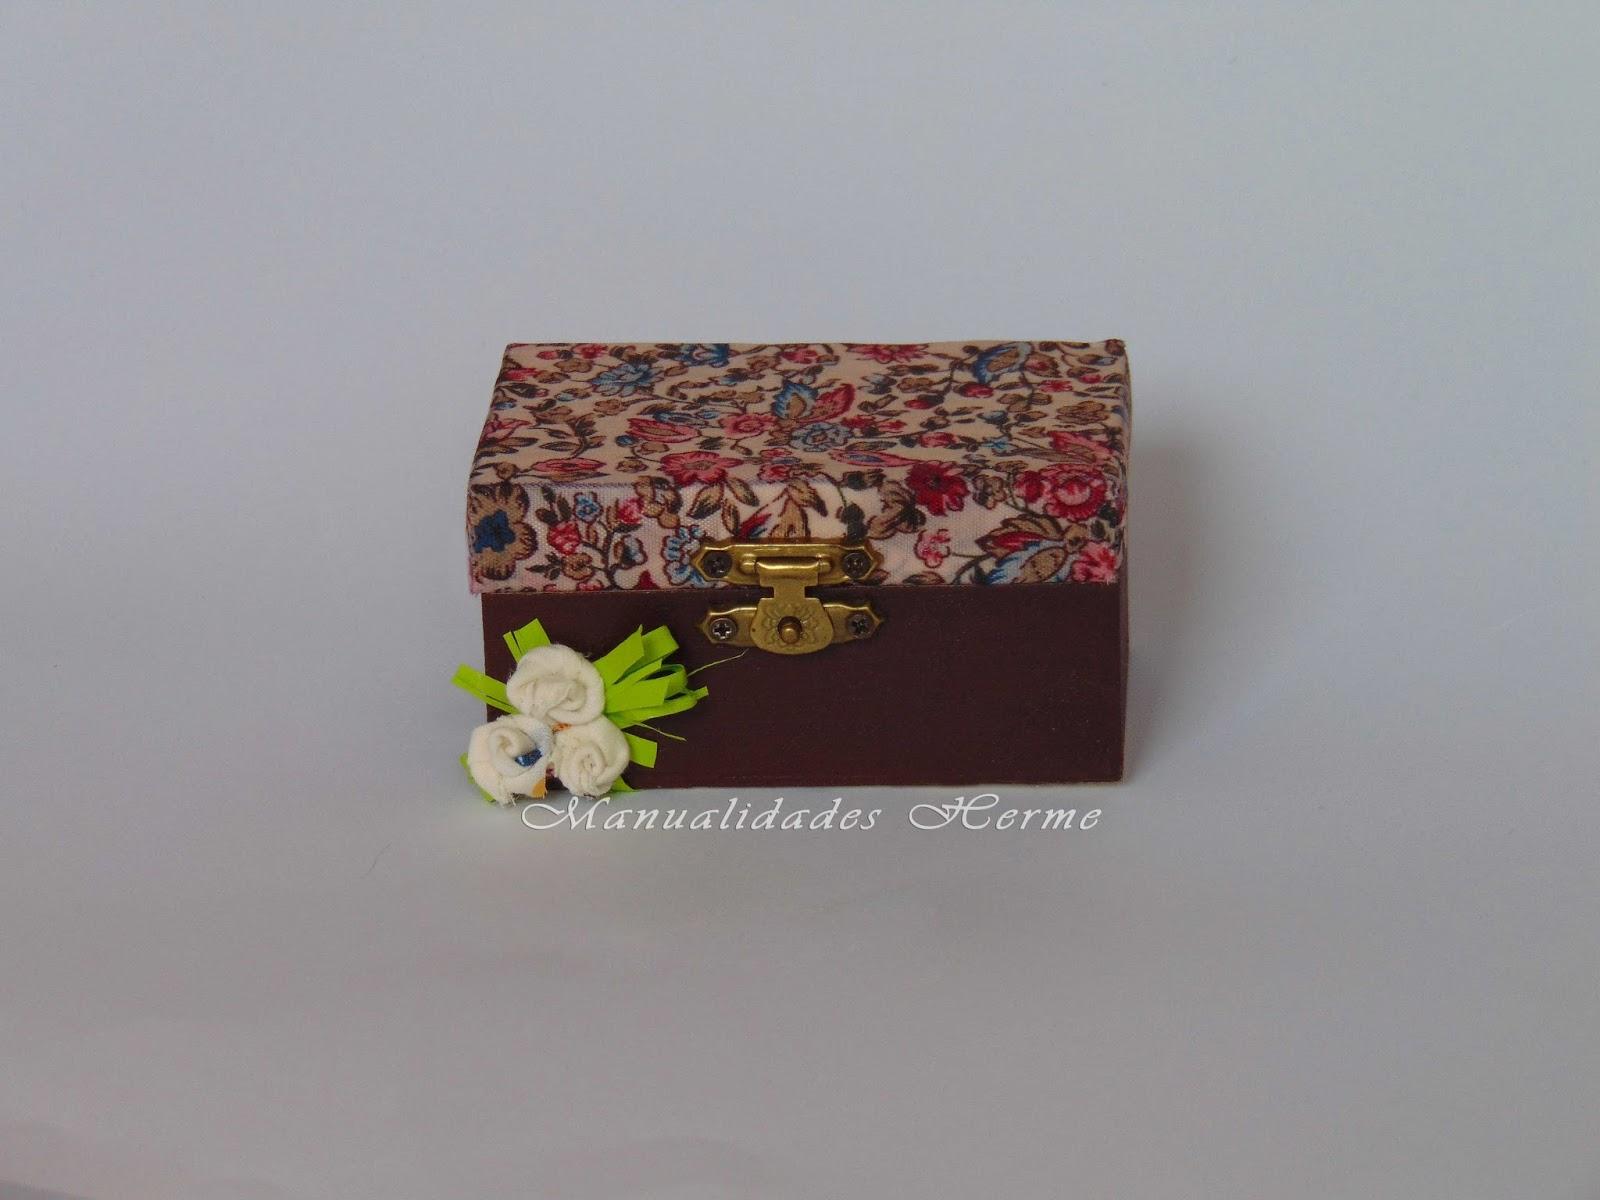 Manualidades herme diy decoupage en caja de madera - Manualidades caja de madera ...